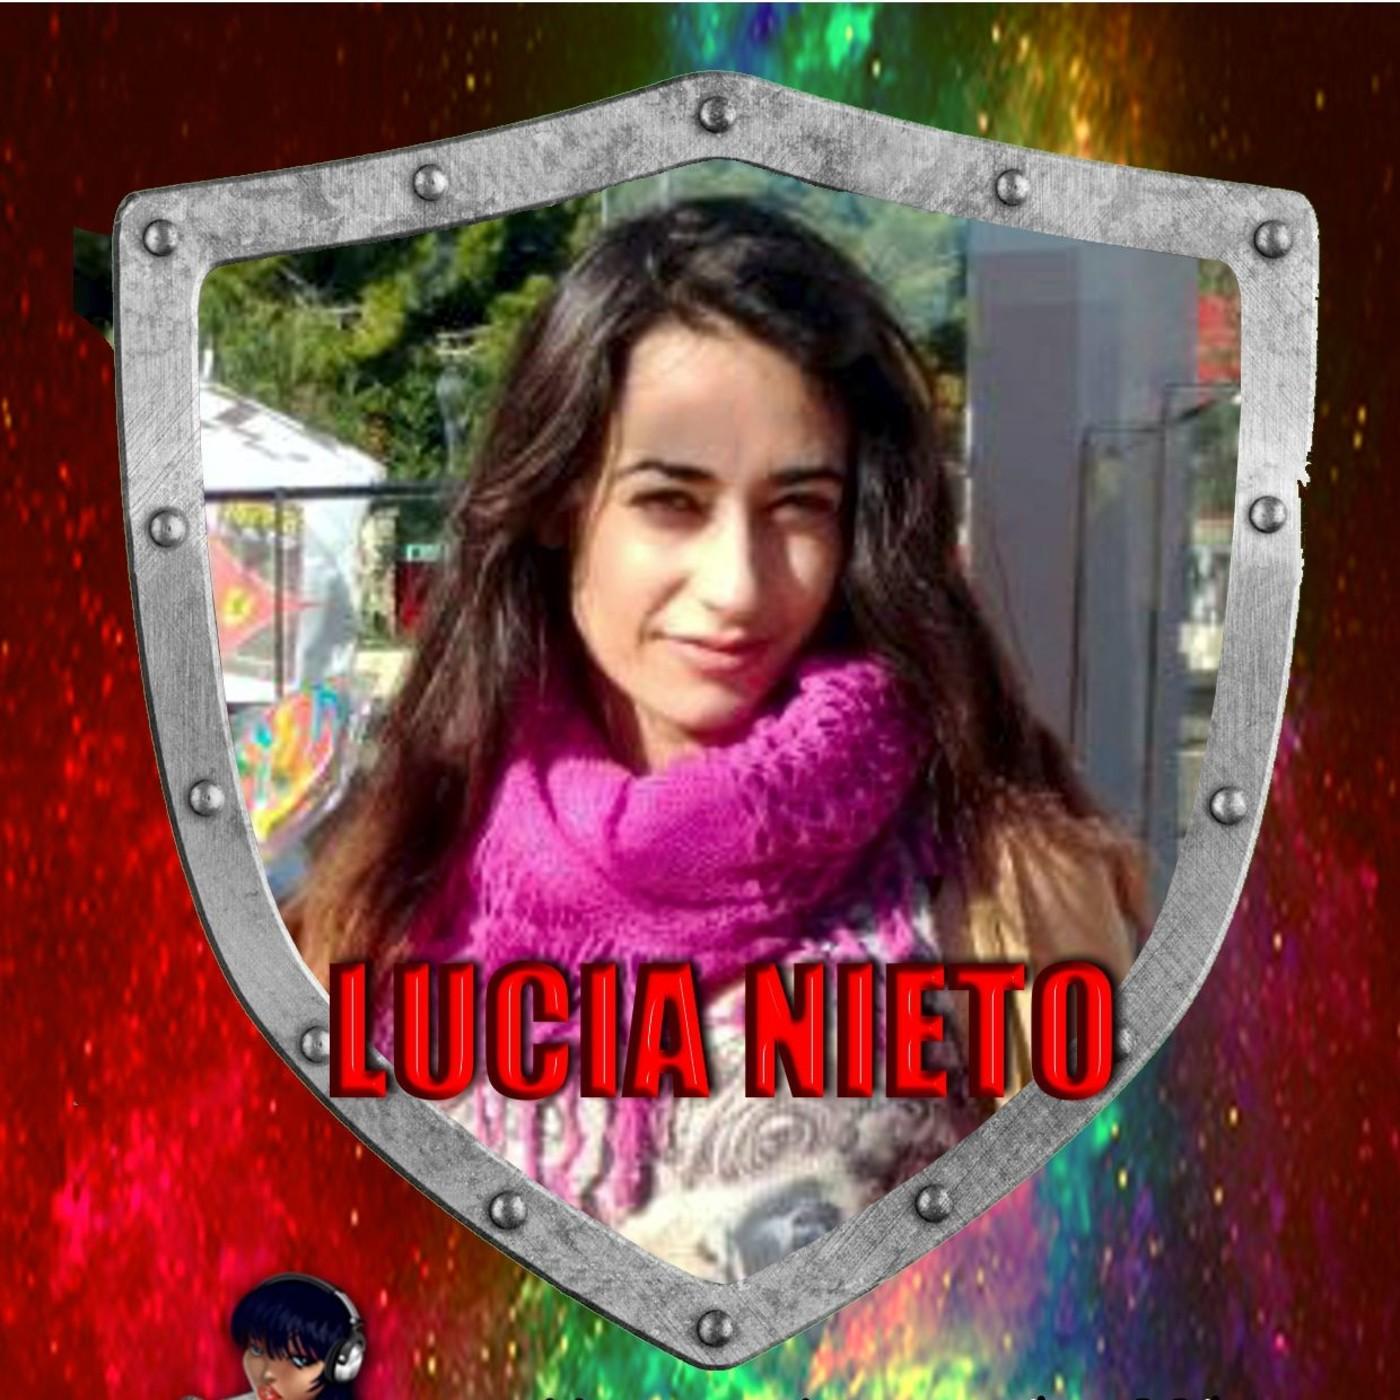 Lucia Nieto Nude Photos 27